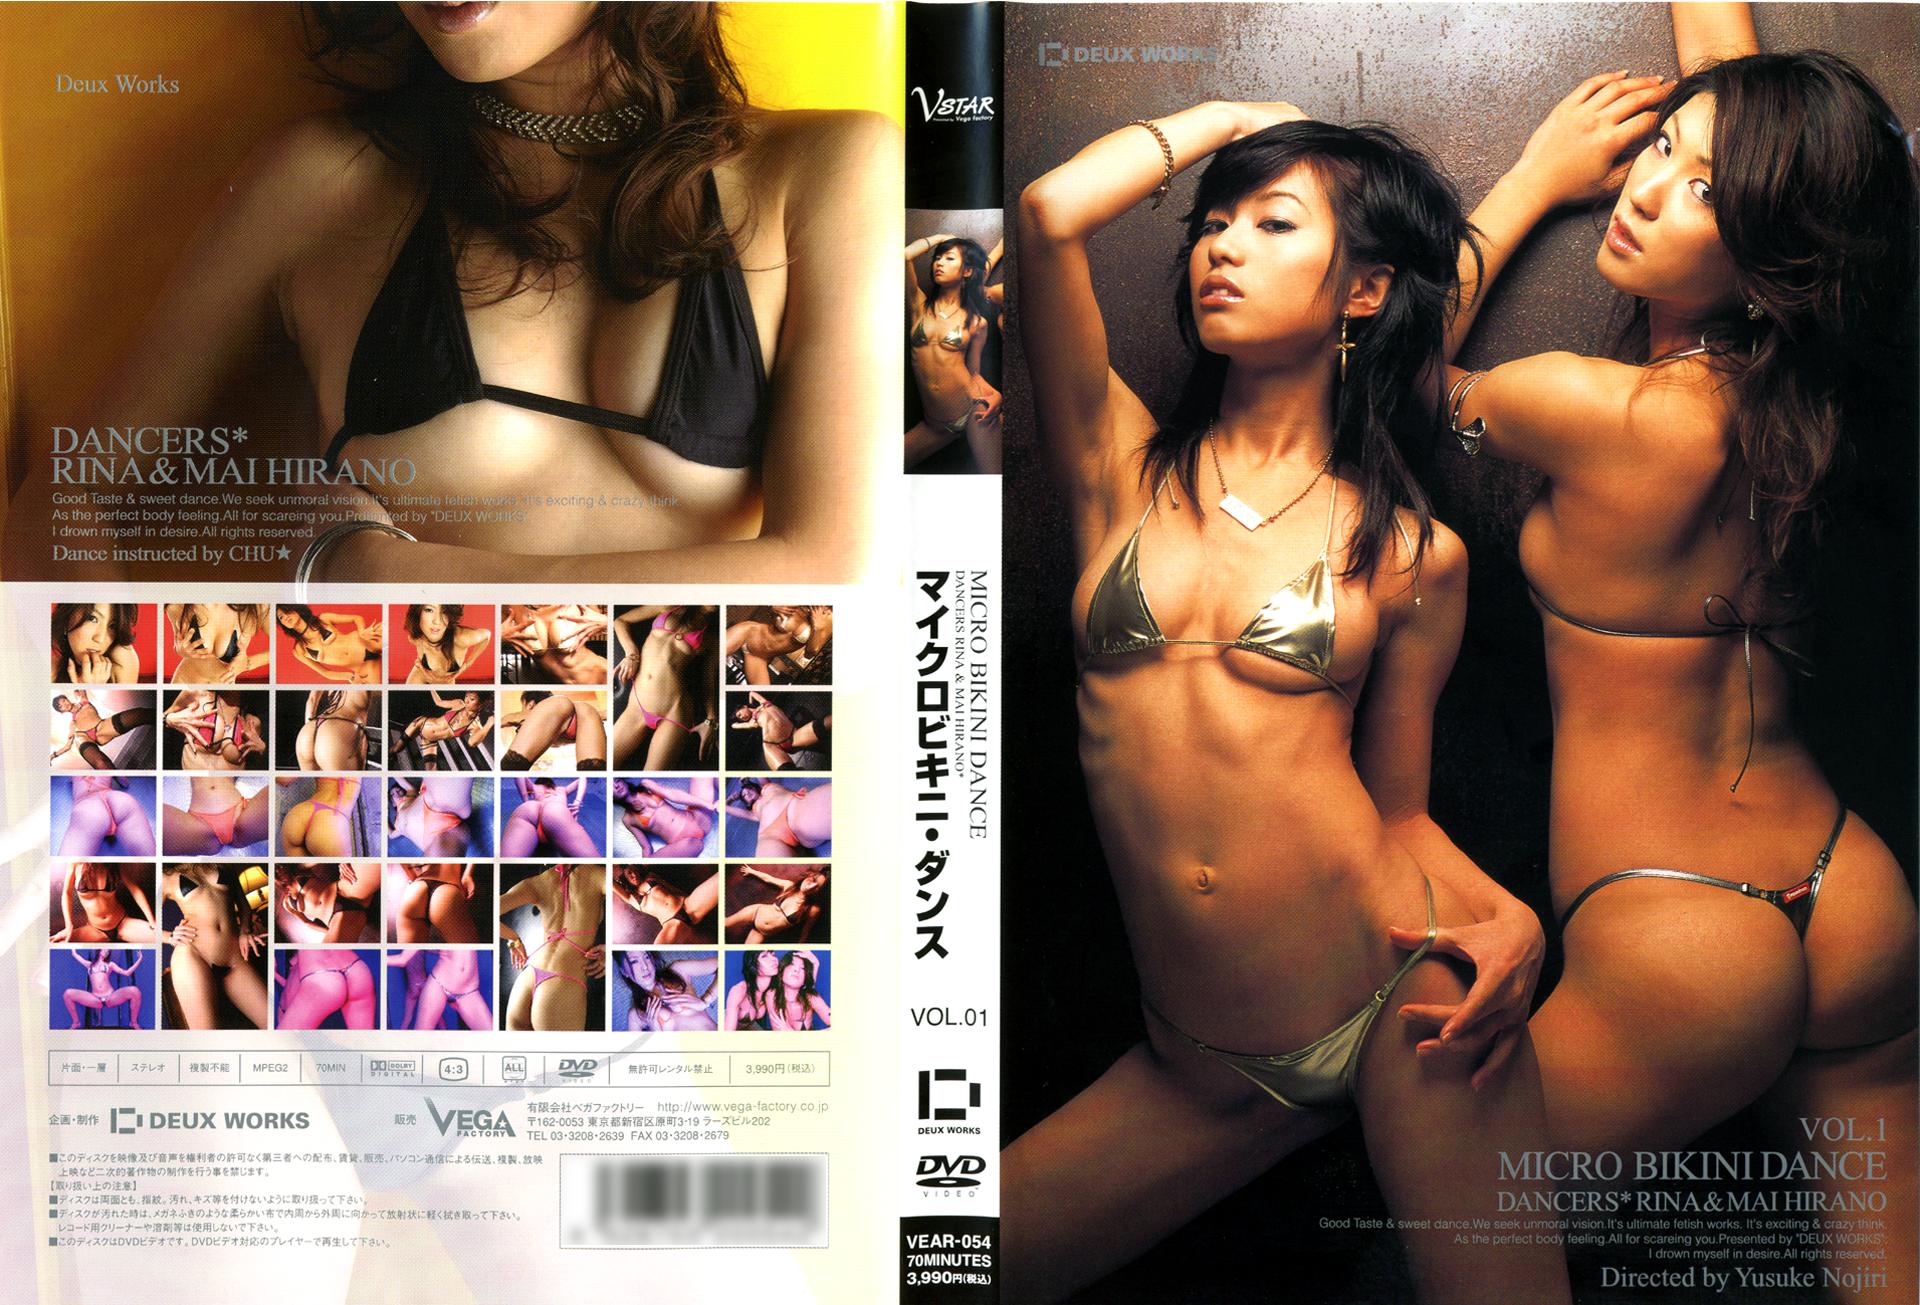 Смотреть порно микро бикини только танец японки 17 фотография